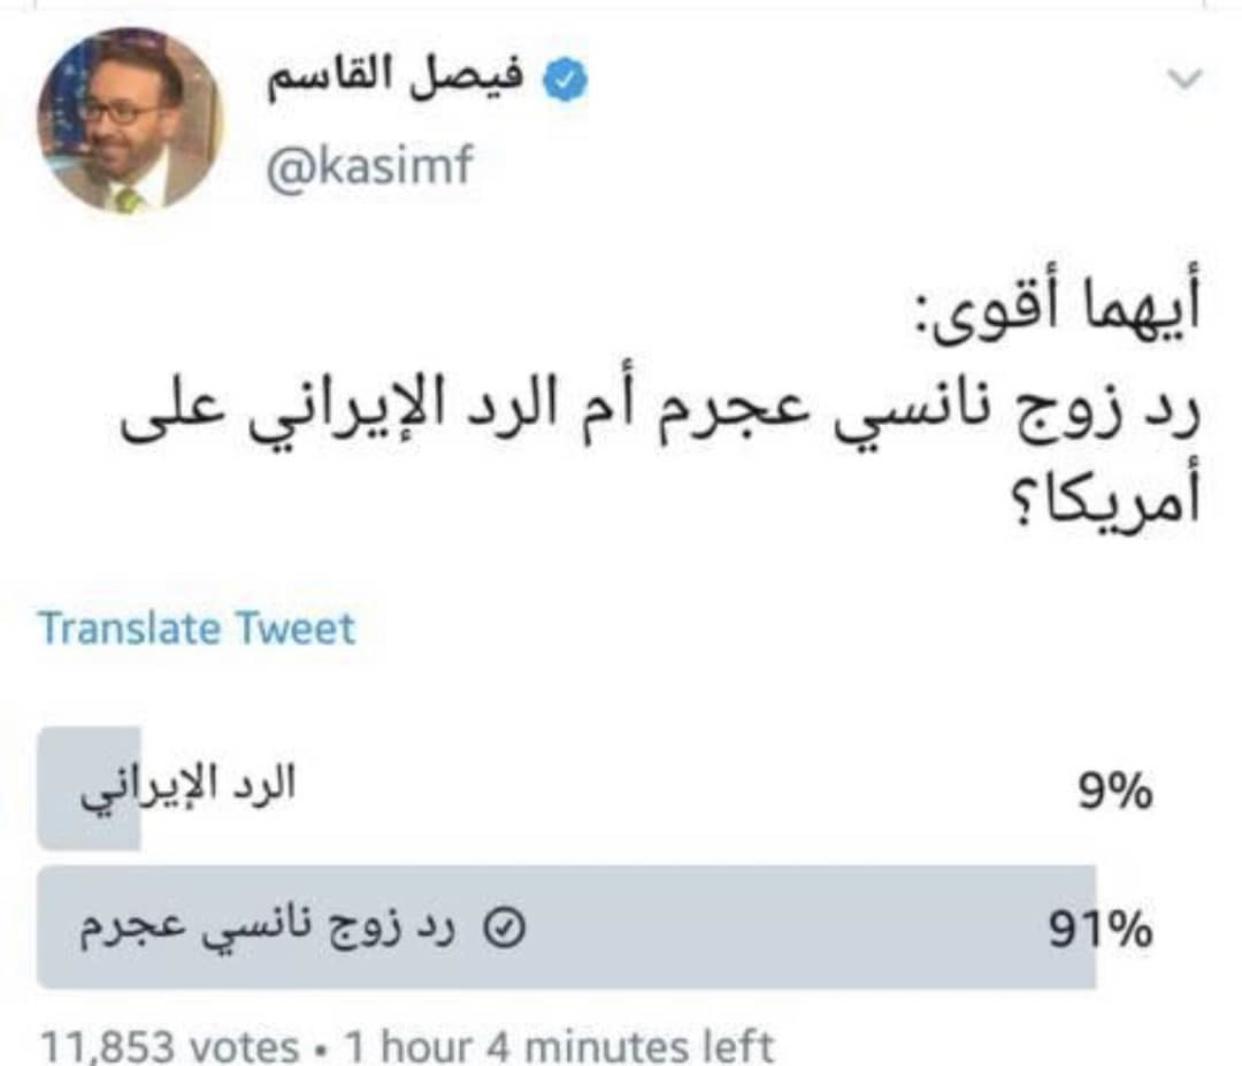 التصويت الذي وضعه فيصل القاسم